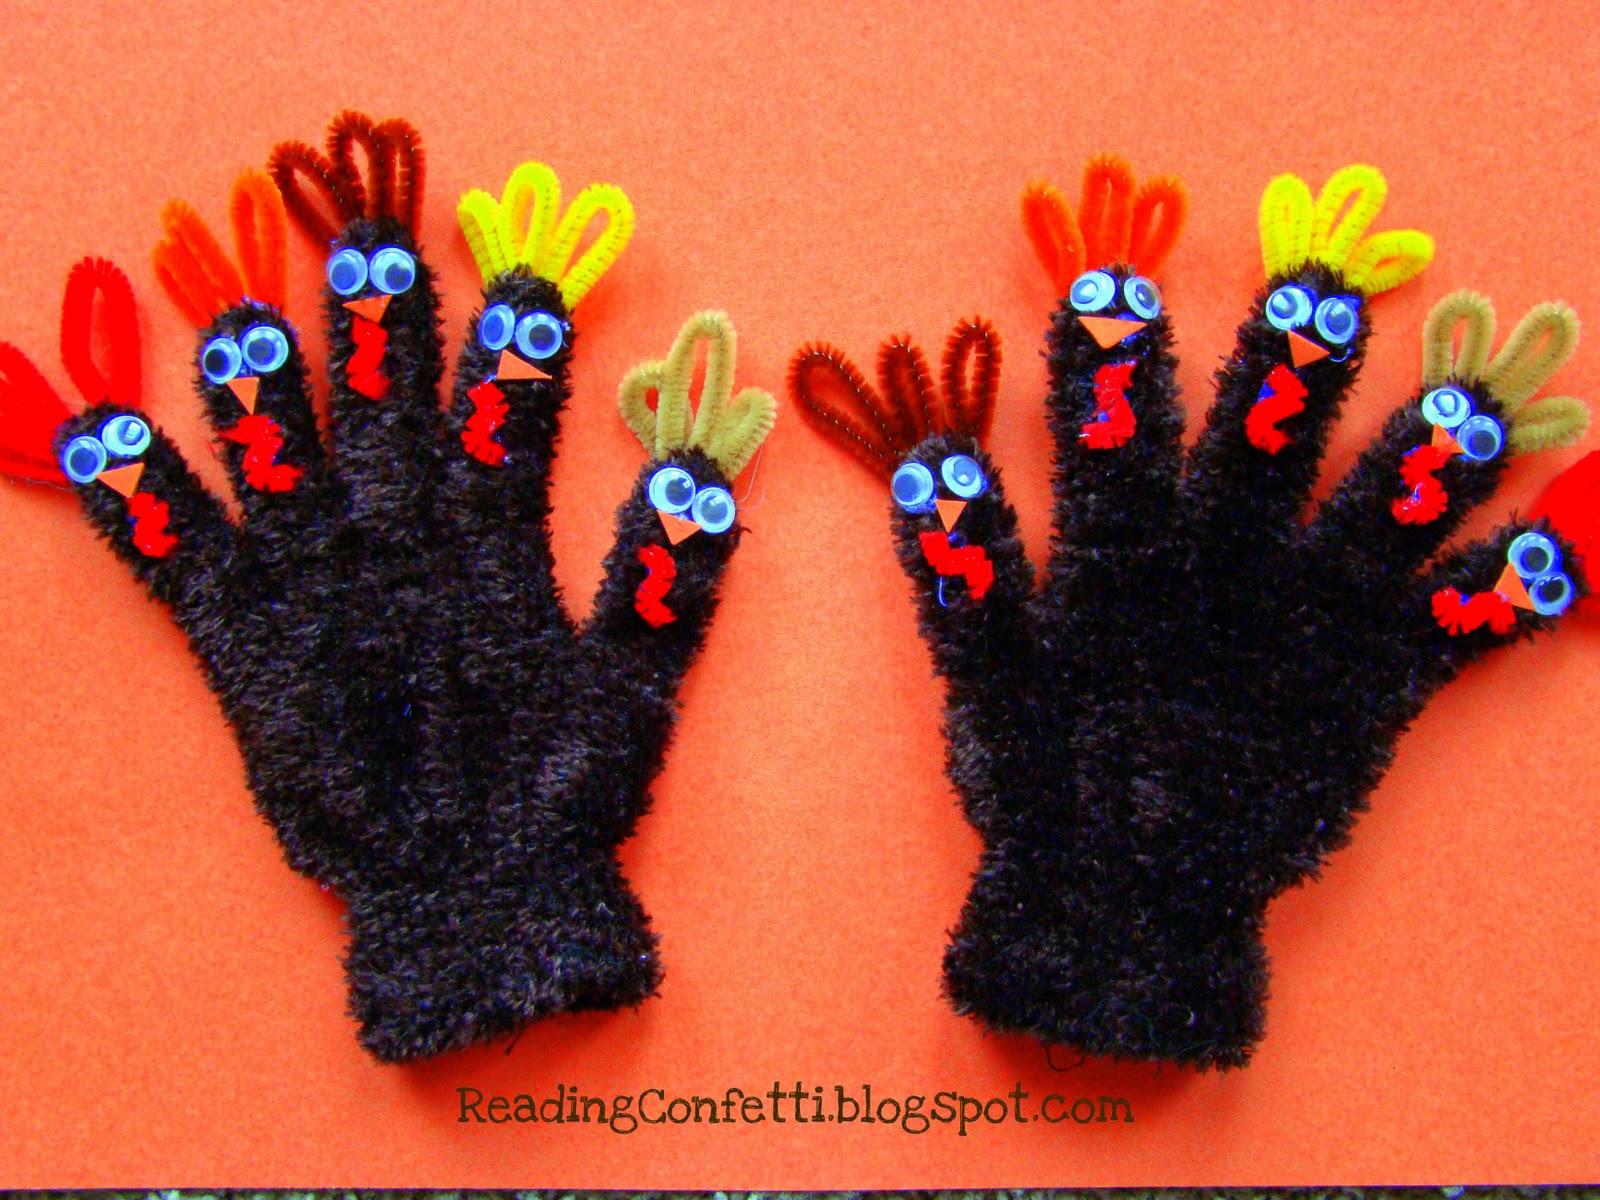 Made Gloves Turkeys